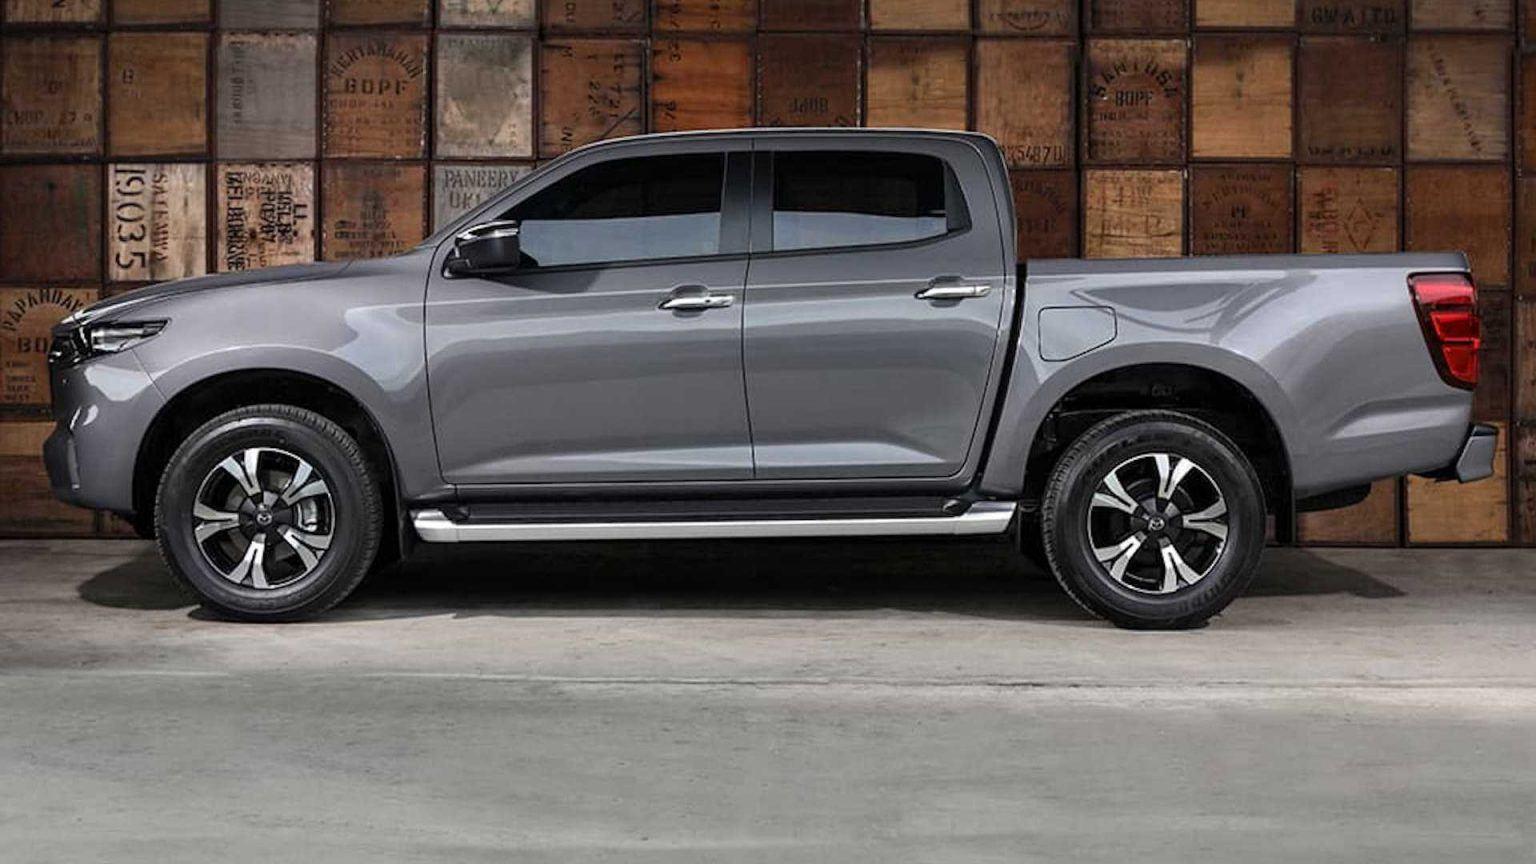 Kelebihan Kekurangan Mazda Bt Top Model Tahun Ini